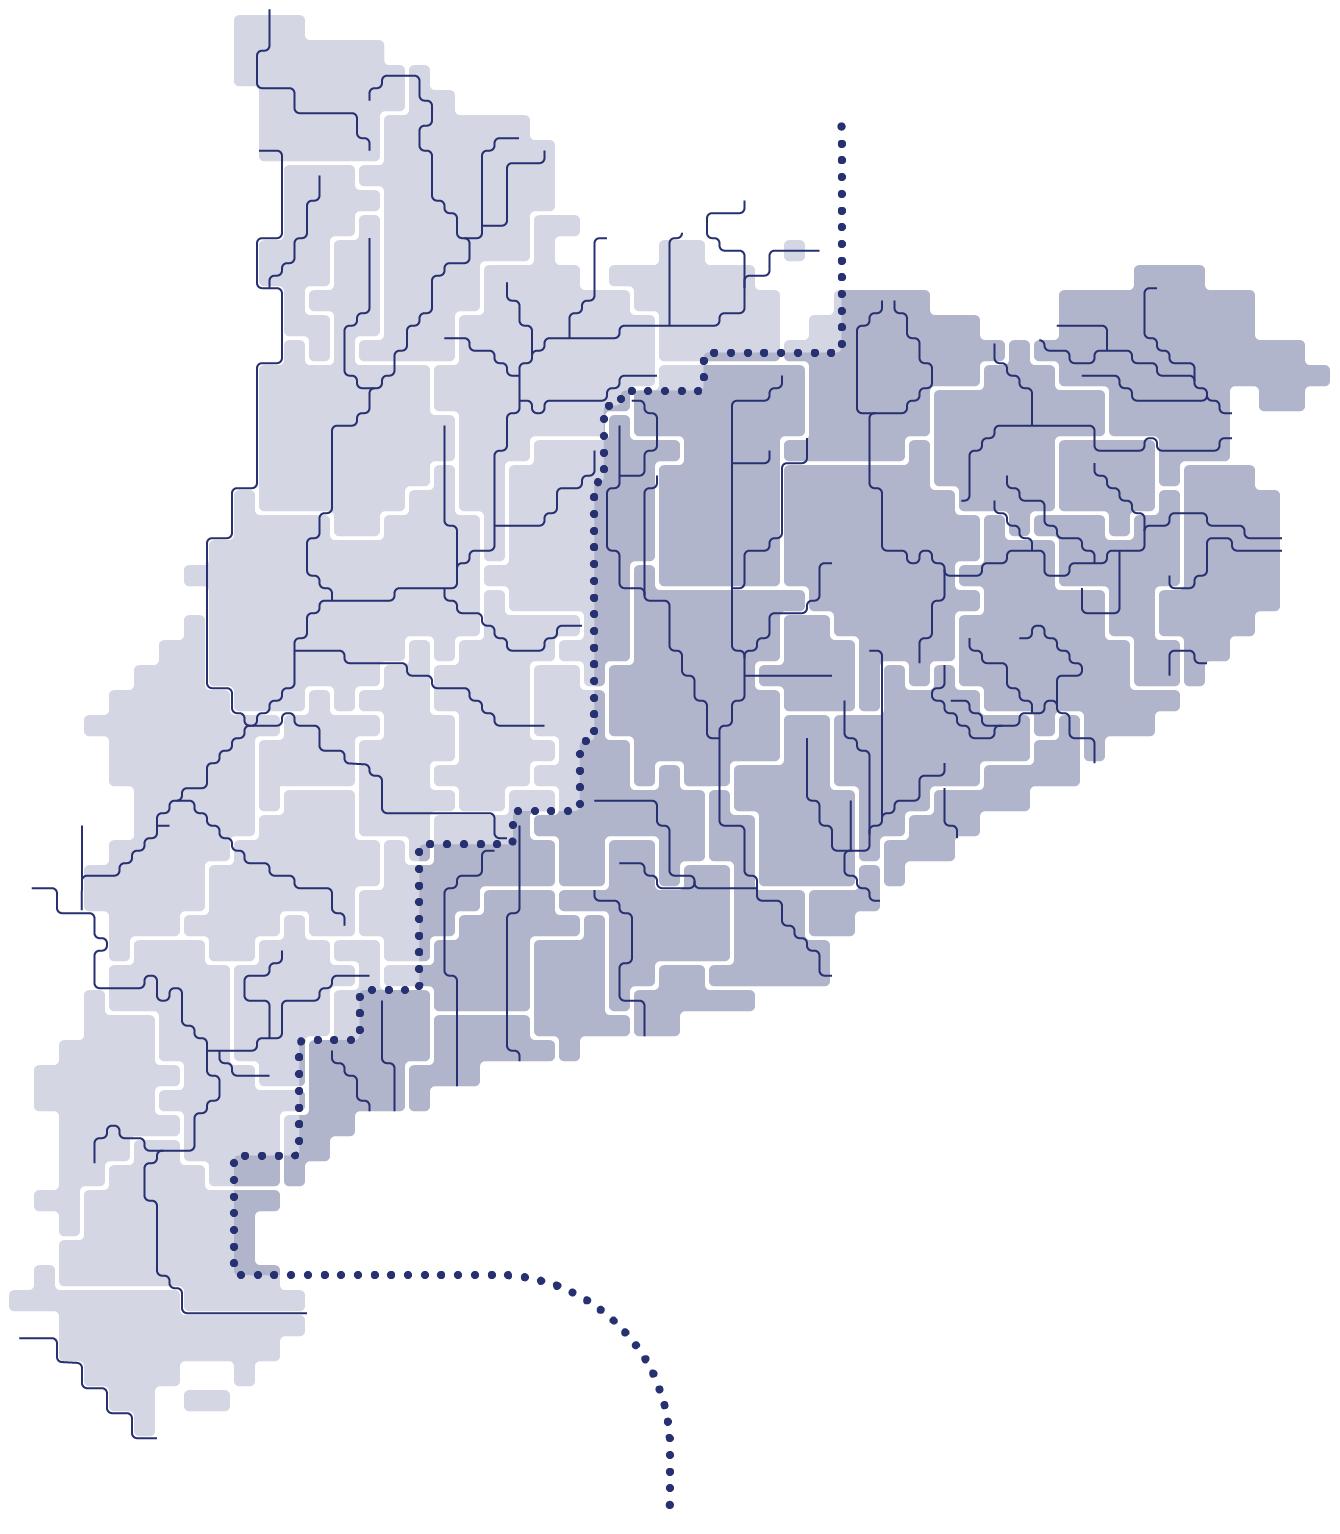 mapa conques a Catalunya